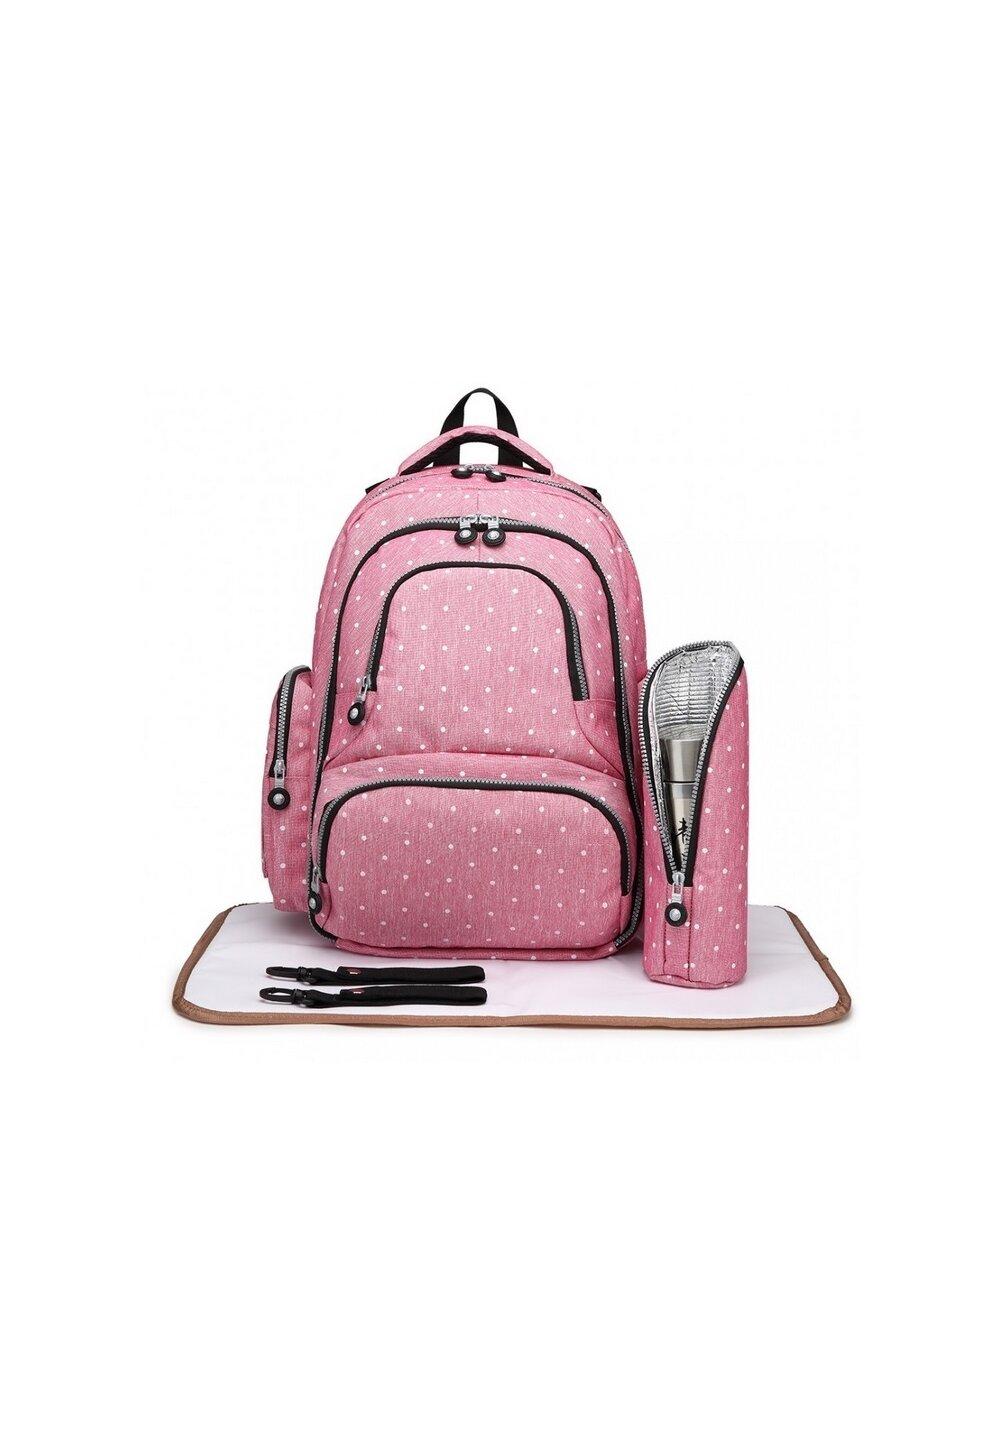 Rucsac Work, pentru mamici, roz cu buline imagine